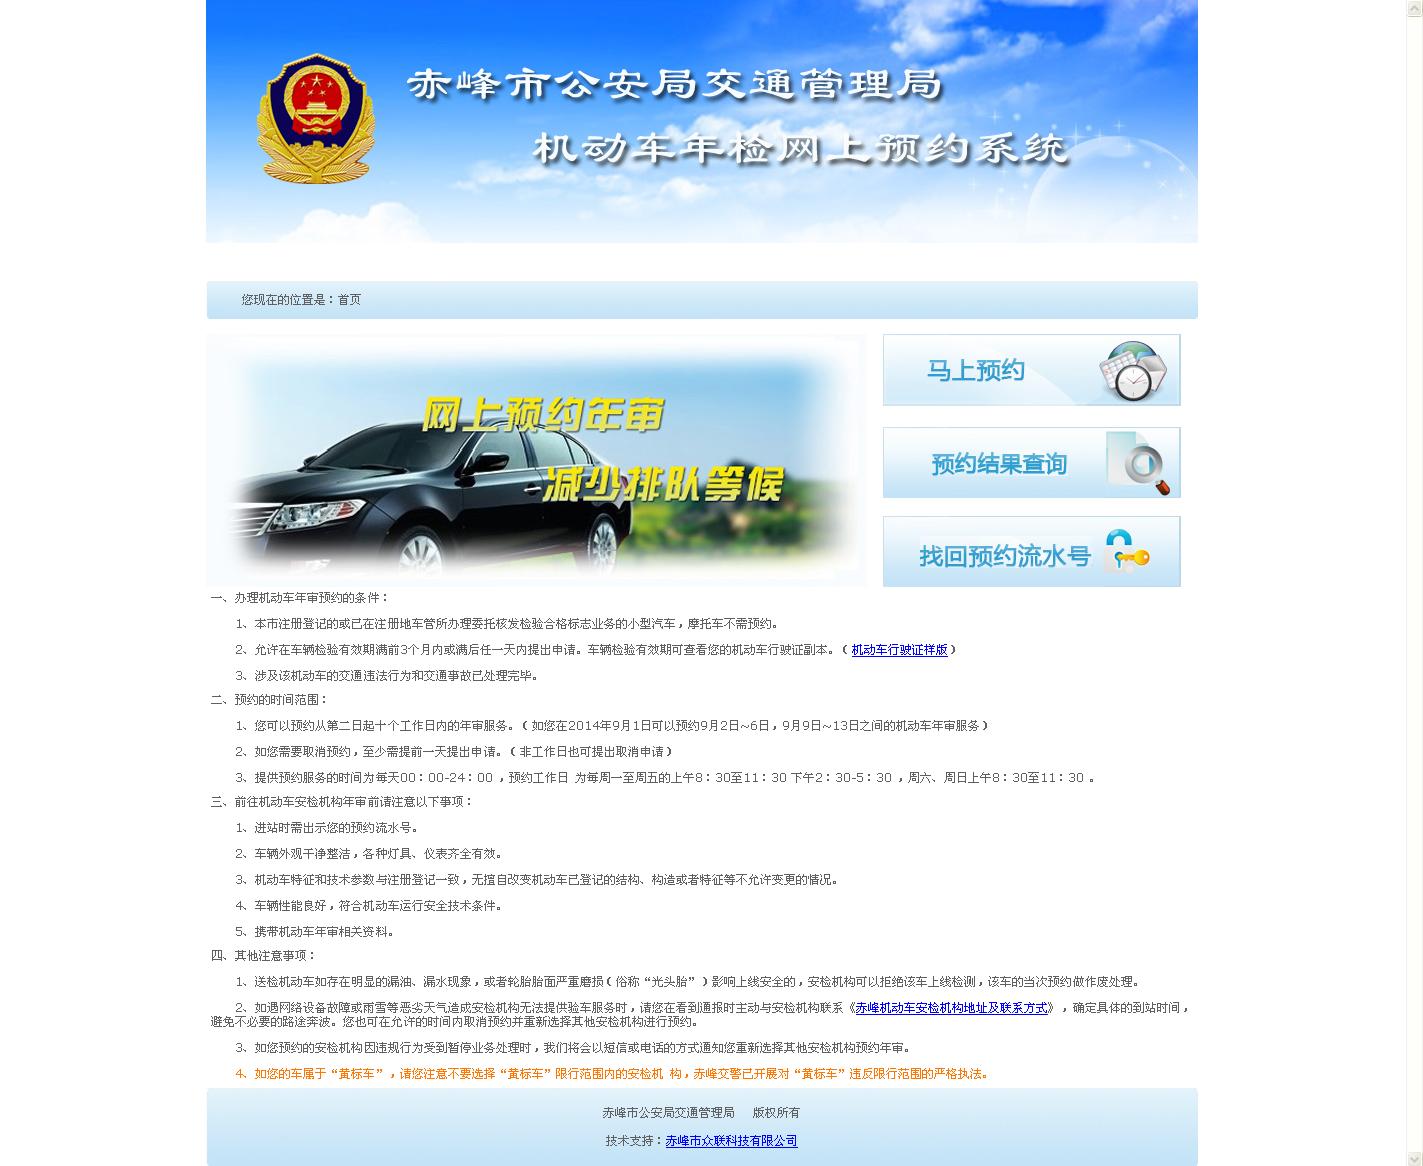 赤峰市公安局交通管理局机动车年检网上预约系统